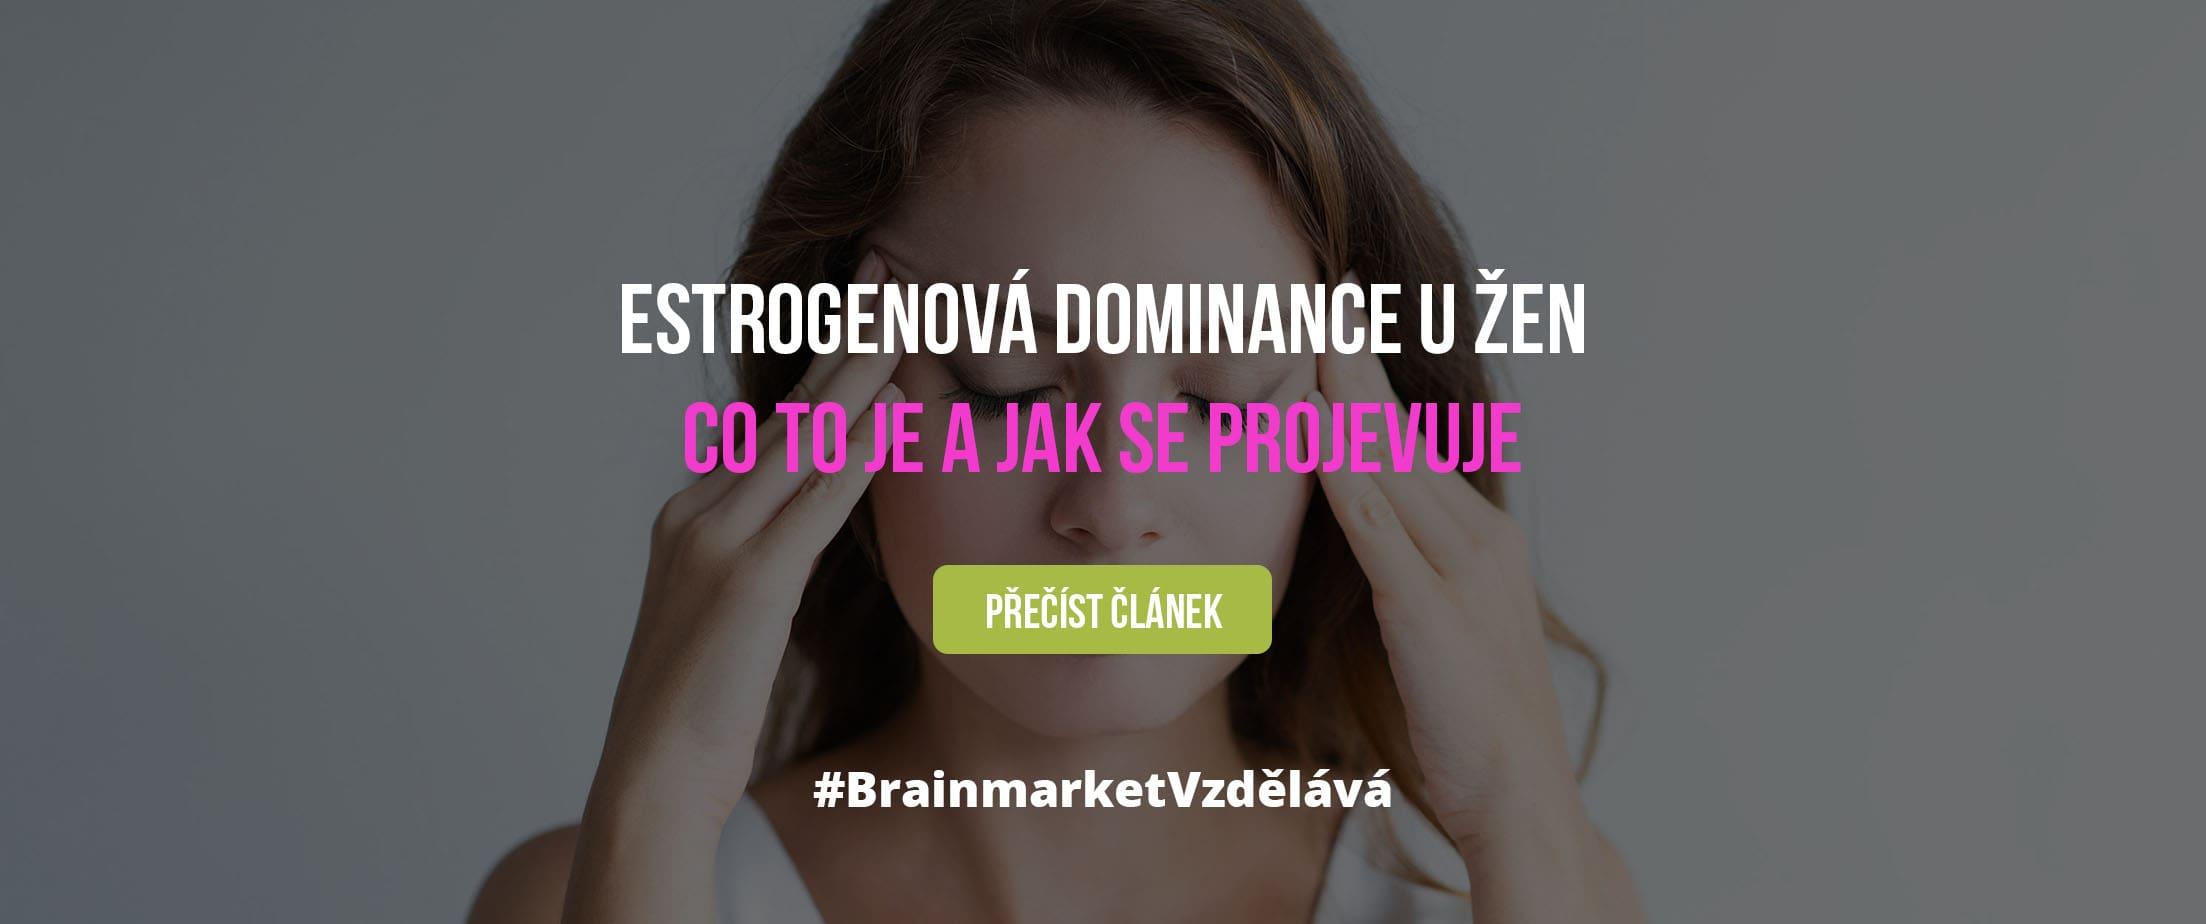 CLANEK: Estrogenova dominanec u zen